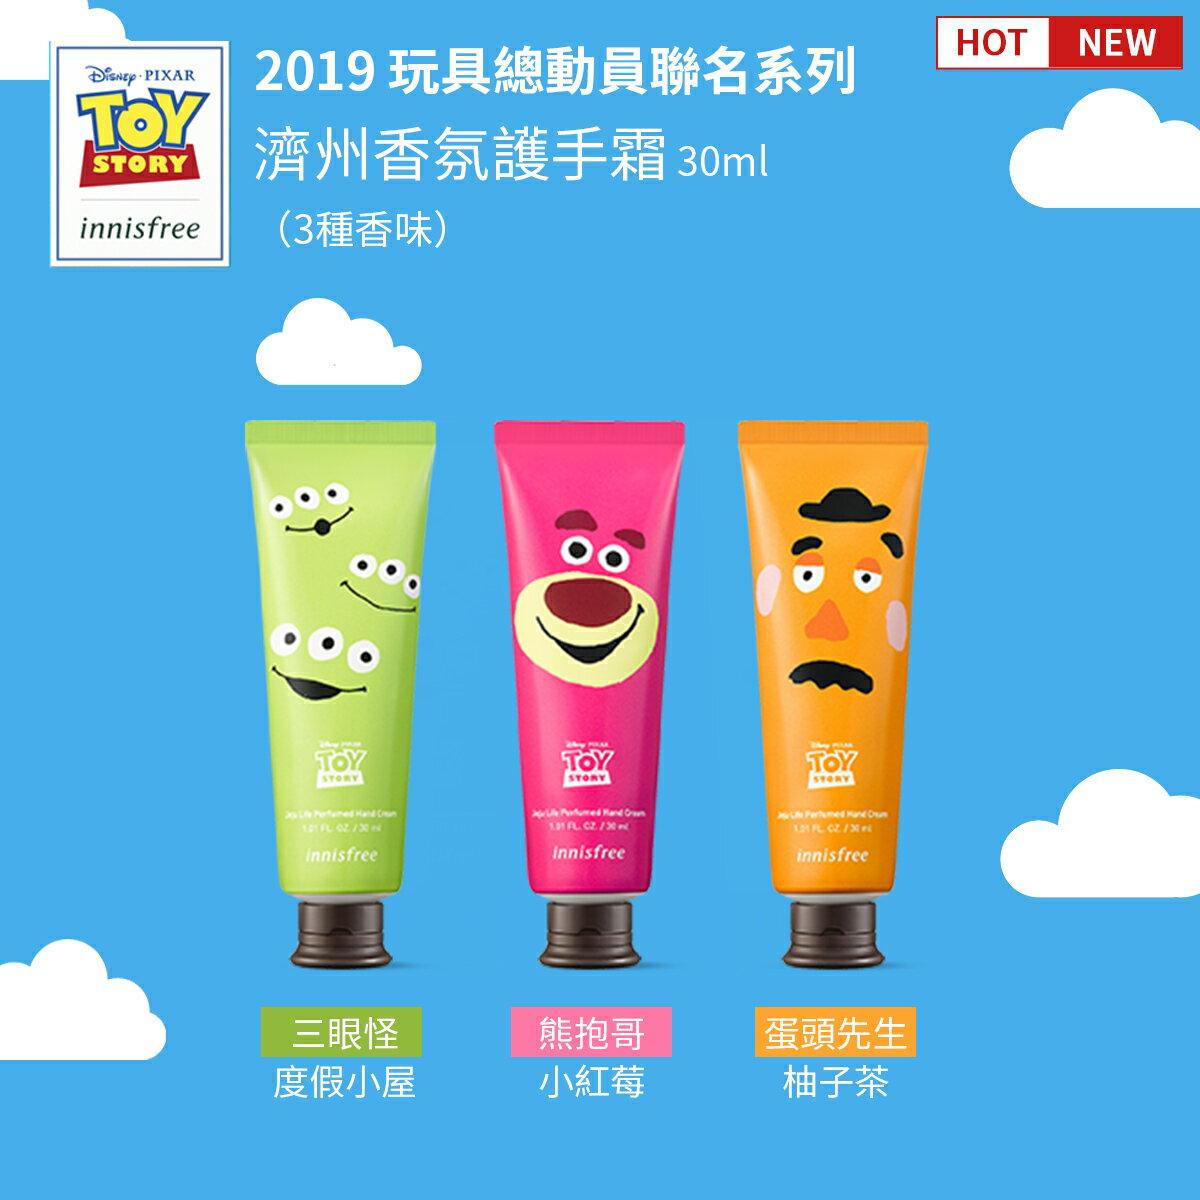 【現貨限量】韓國同步上市 innisfree 2019玩具總動員聯名款 濟州香氛護手霜 30ml 3種可選(三眼怪、熊抱哥、蛋頭先生) SP嚴選家 0